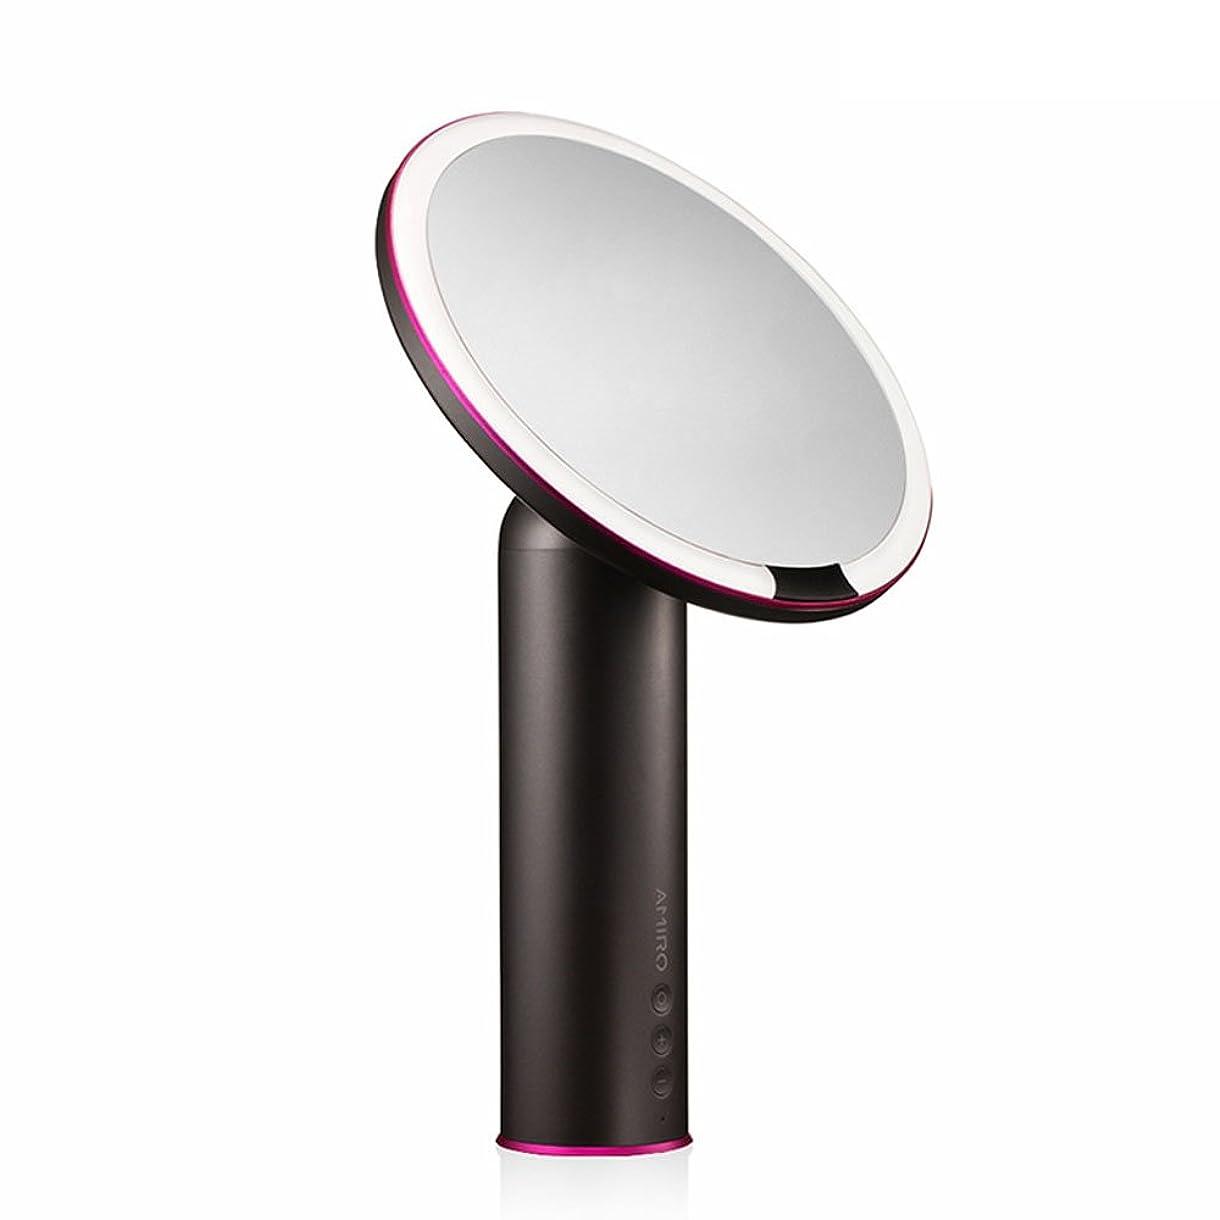 不利想像力豊かな経由でAMIRO LED化粧鏡 人感センサー付き 化粧ミラー LEDライト付き 卓上鏡 女優ミラー 3段階明るさ調節可能 コードレス 充電式